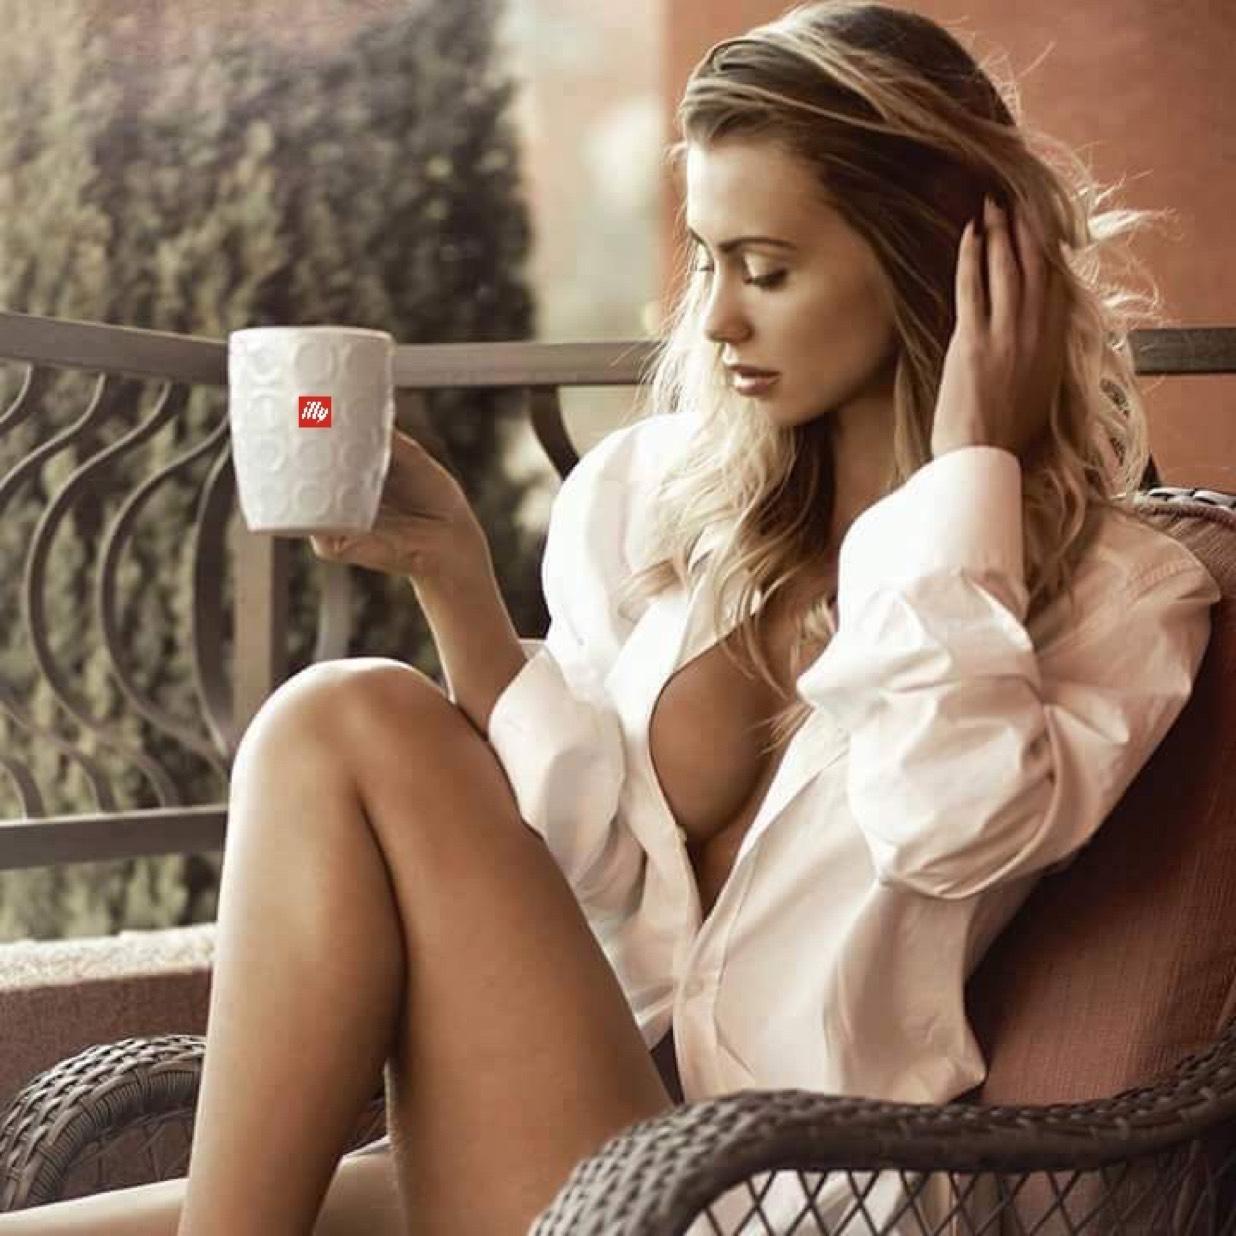 [Kaufland] Illy Kaffe verschied. Sorten. Nur €5,99